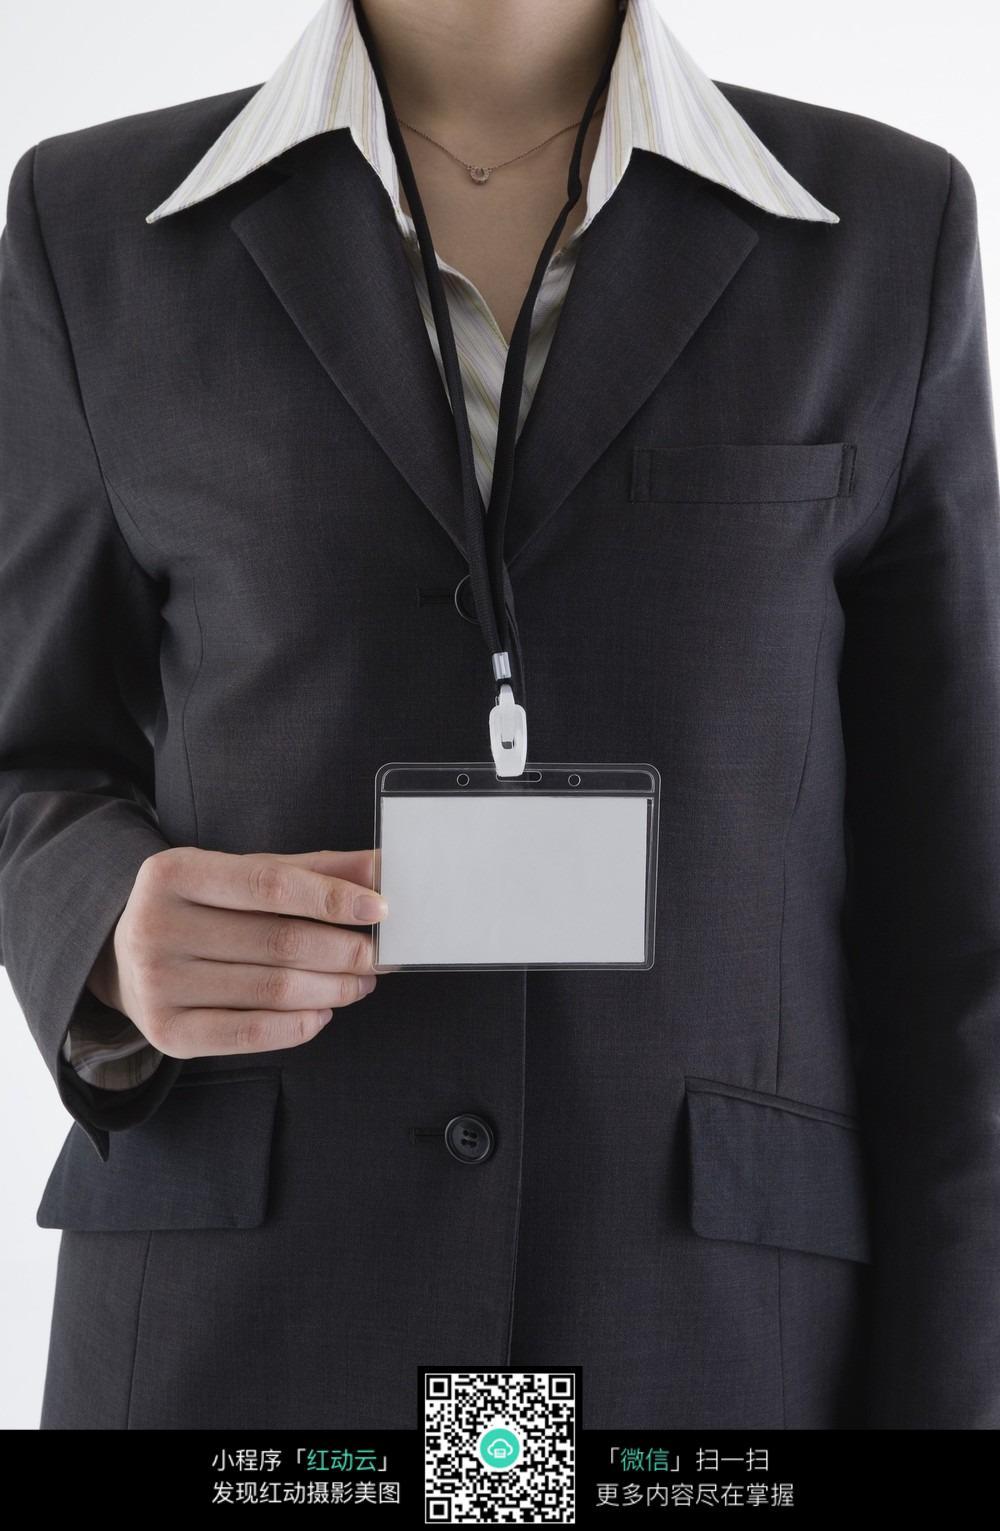 职场女性手持工作证图片